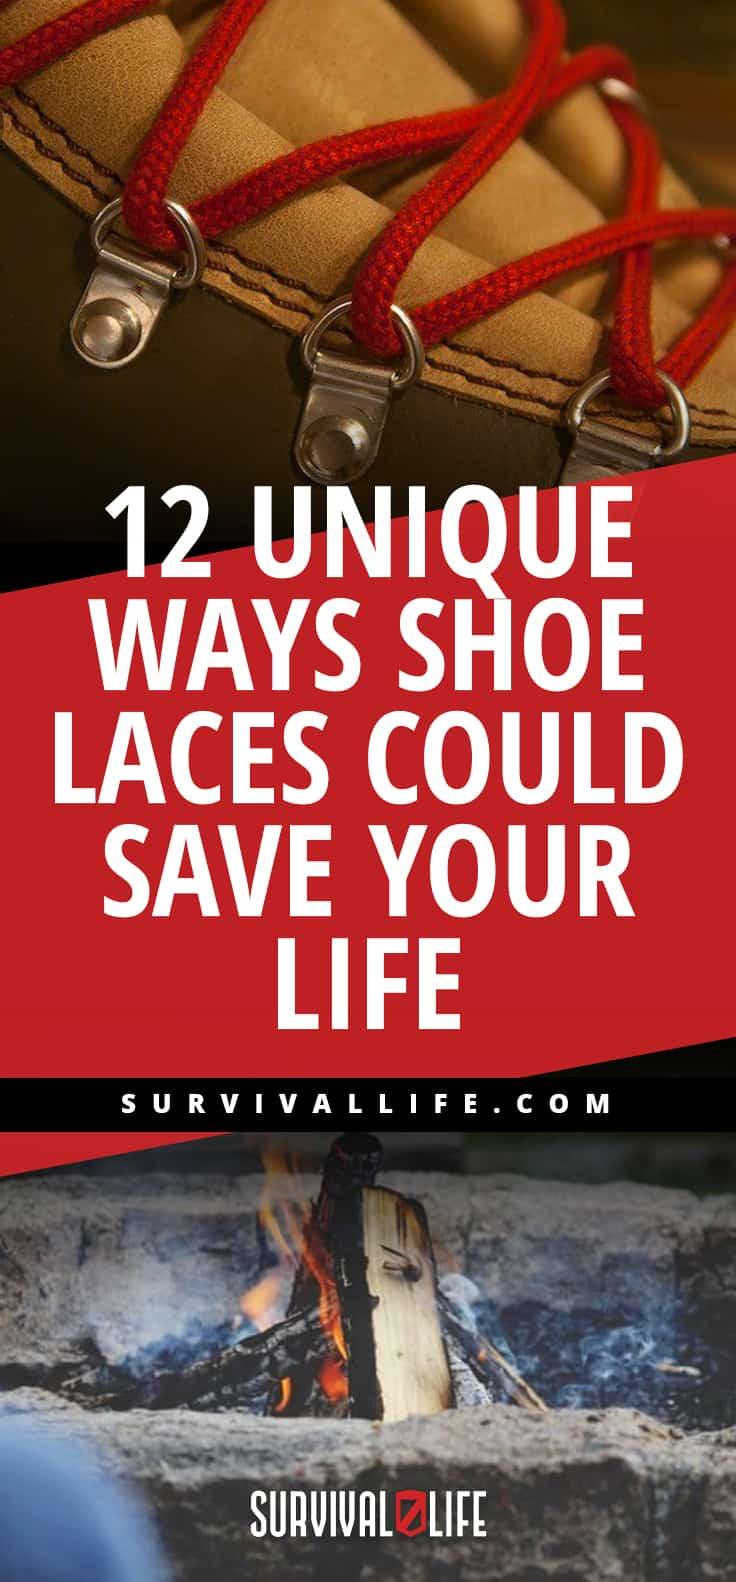 12 Unique Ways Shoe Laces Could Save Your Life